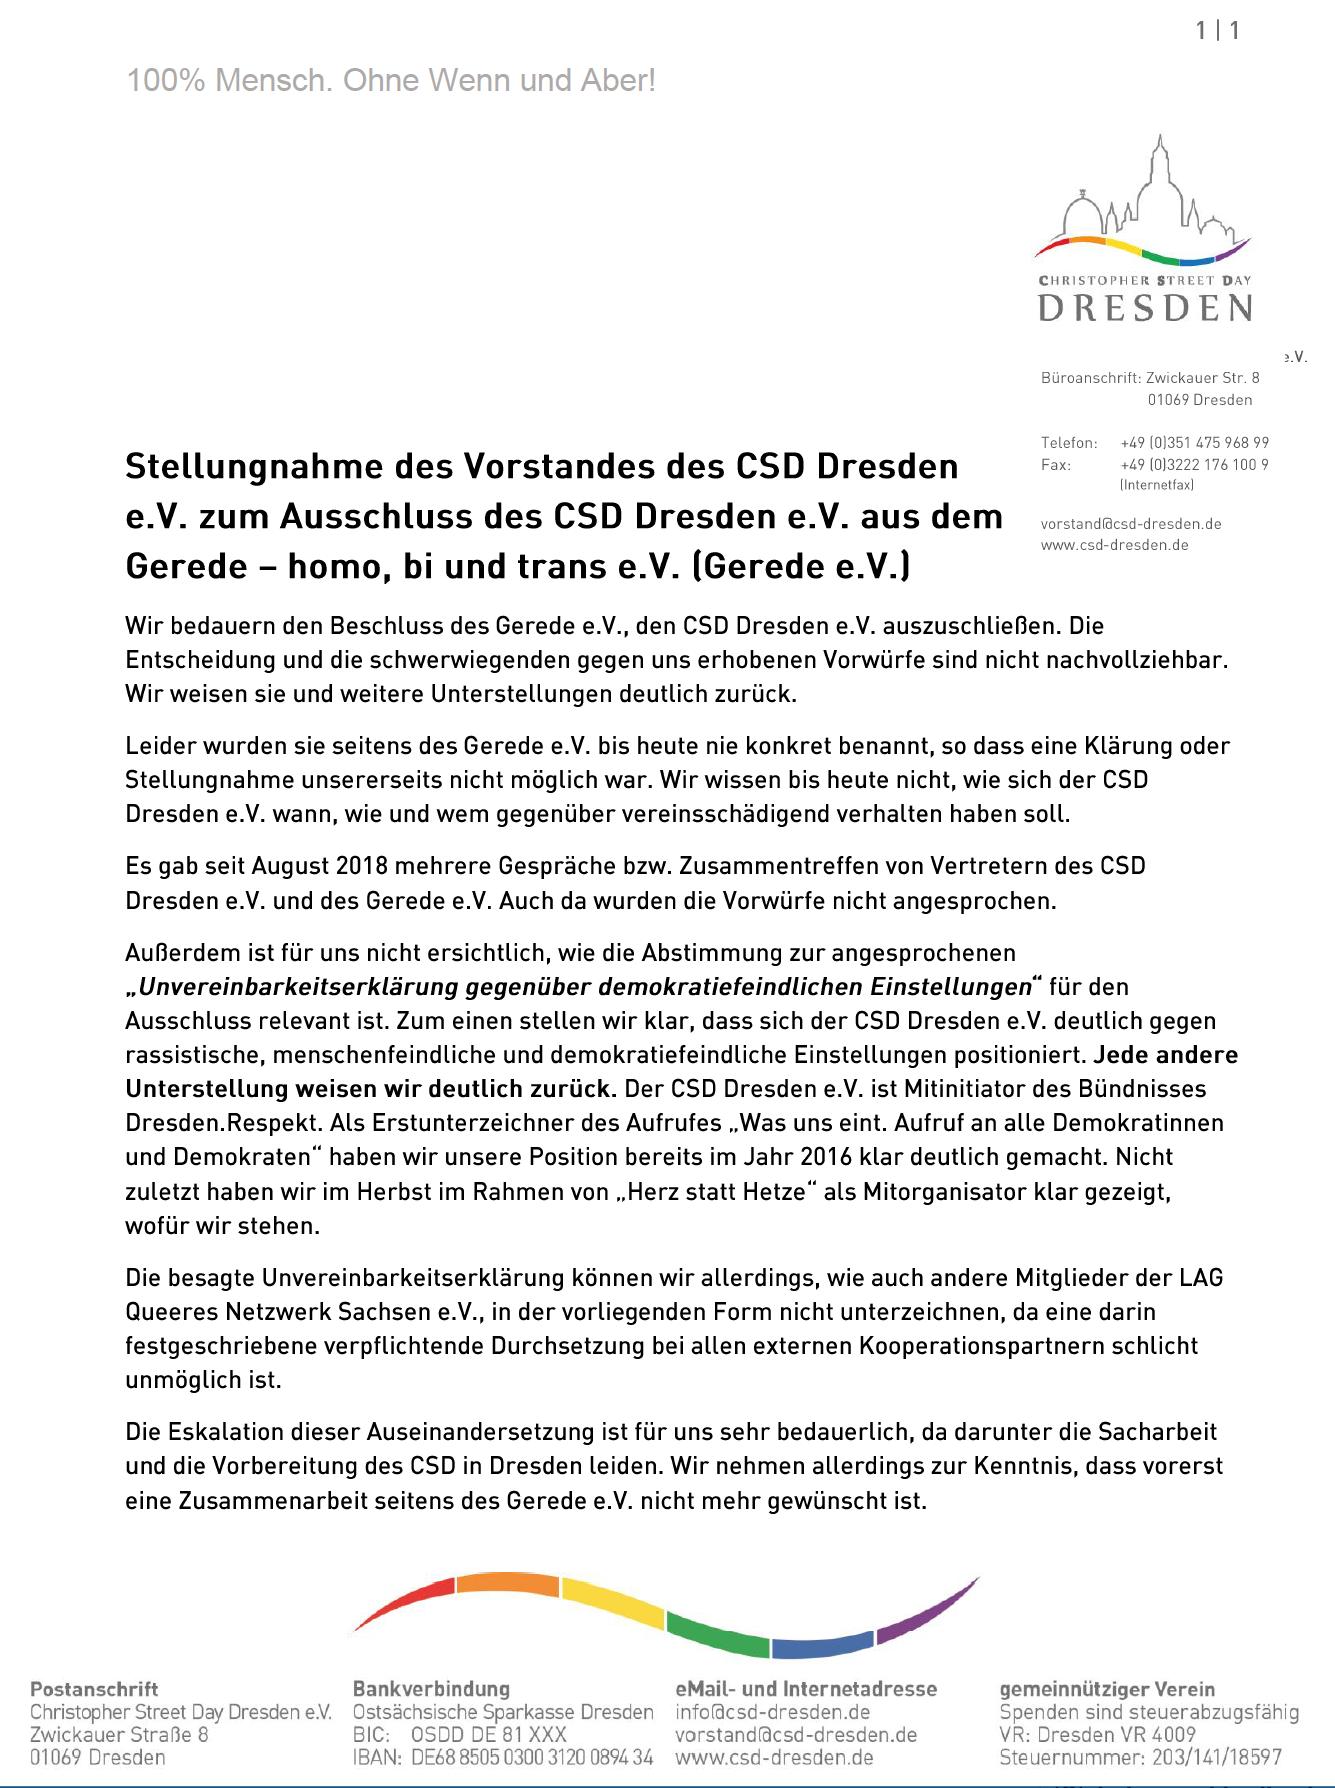 Erklärung des Vorstandes des CSD Dresden e.V. zum Ausschluß des CSD Dresden e.V. aus dem Gerede - homo, bi und trans e.V. (Gerede e.V.)